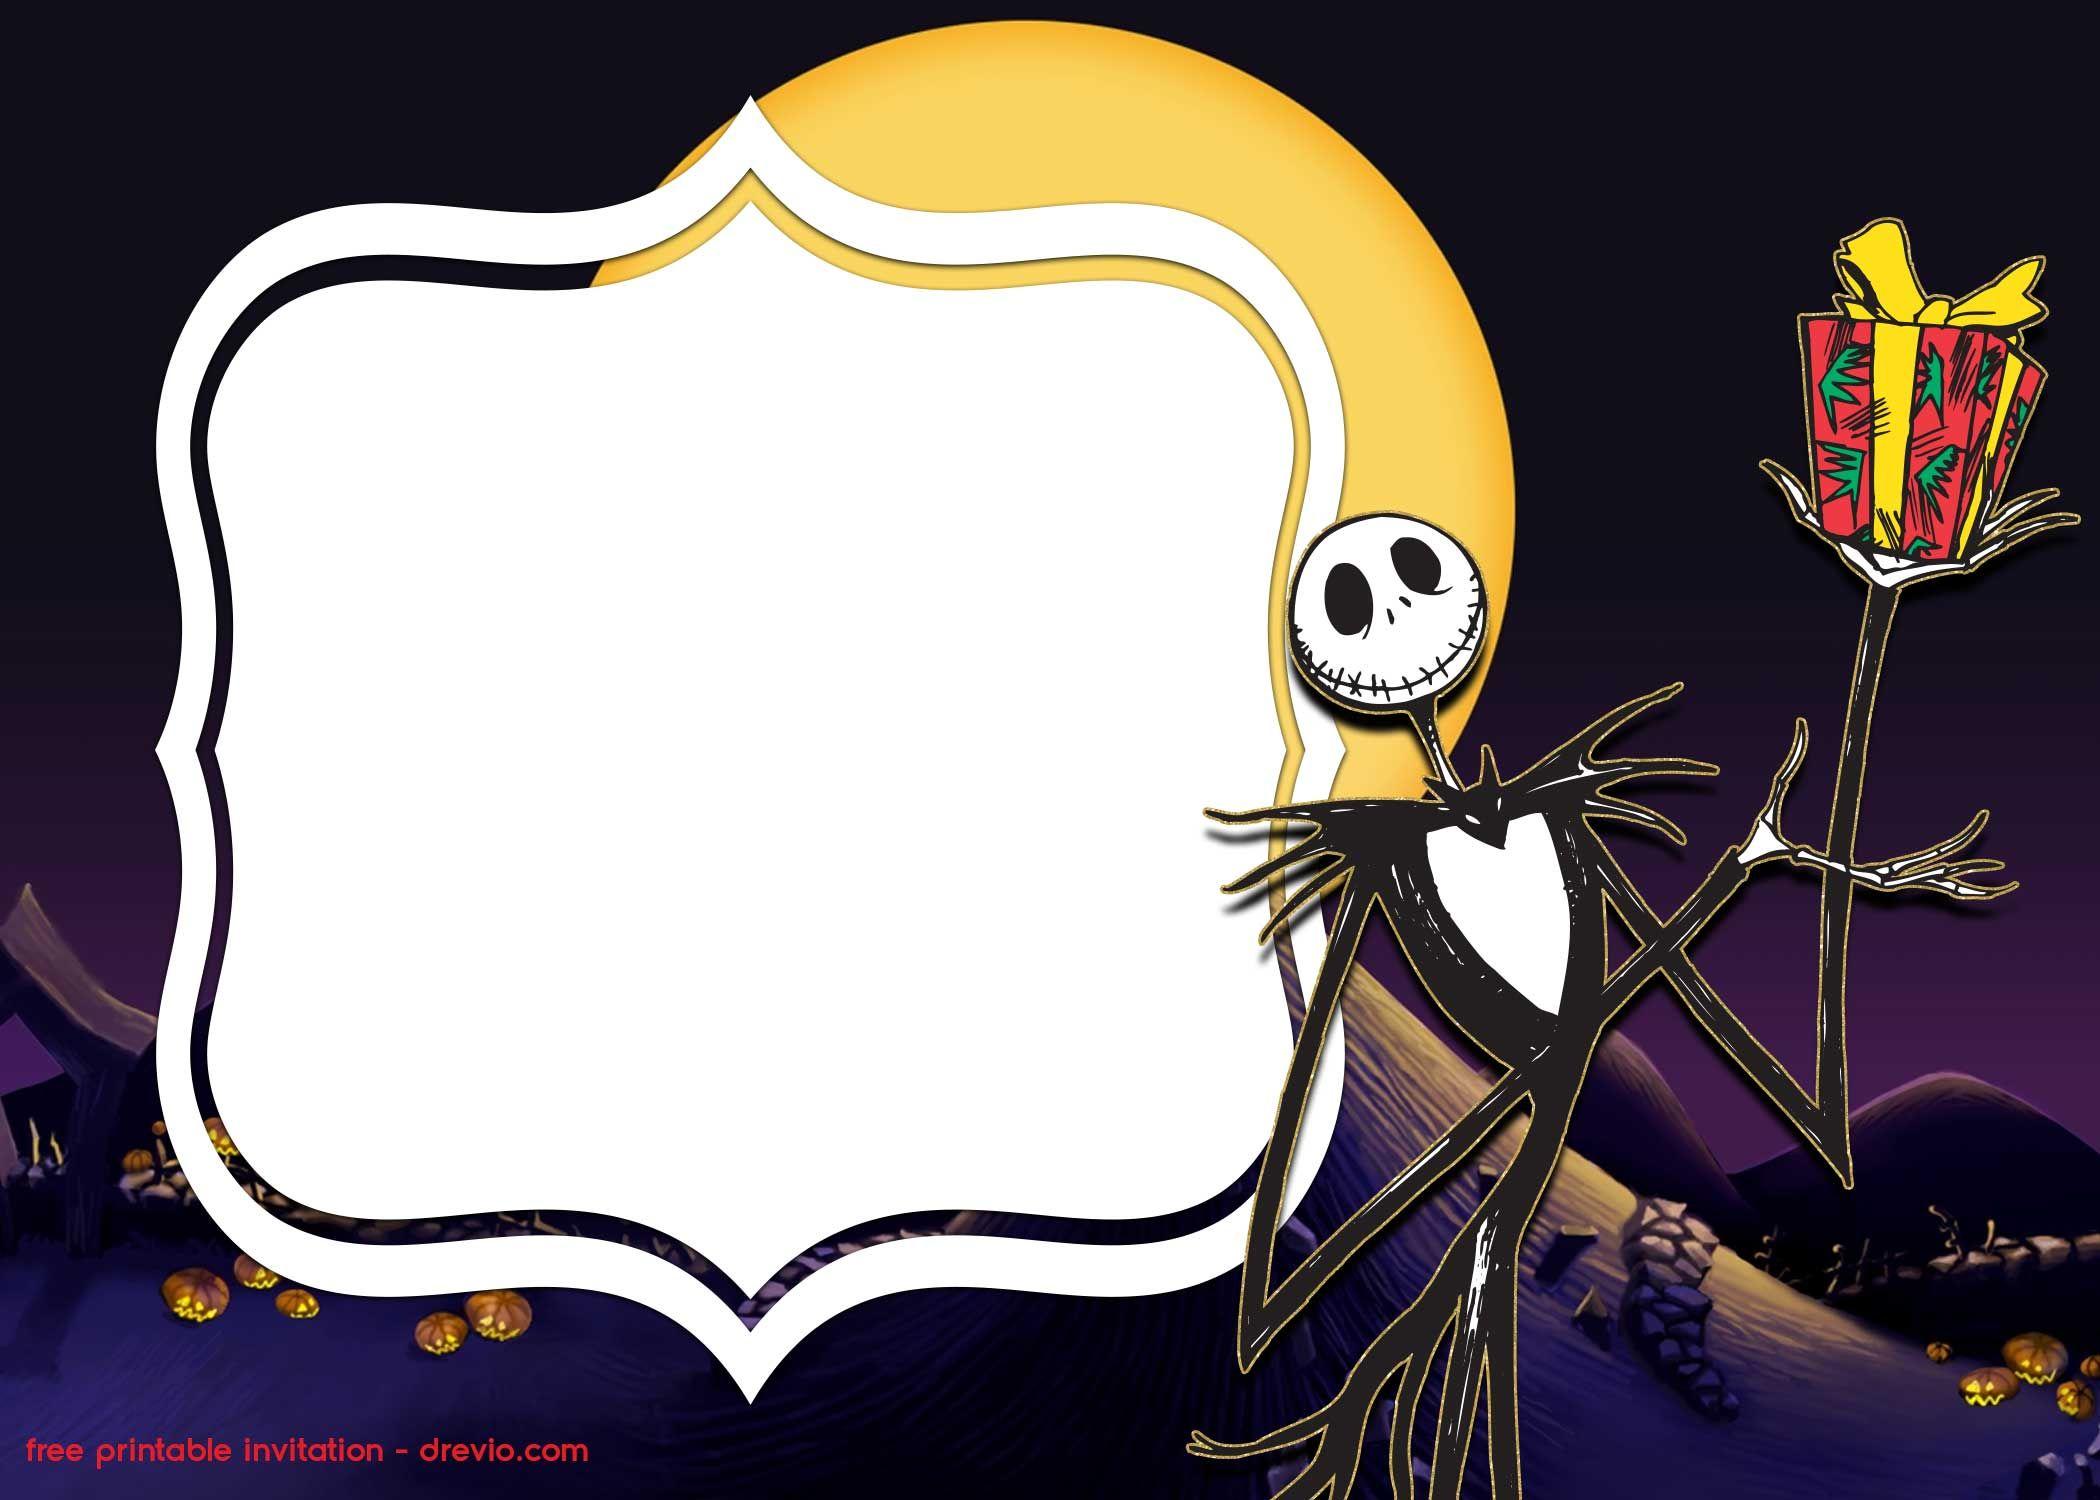 Free Printable Jack Skellington Invitation Templates Drevio Christmas Invitations Template Nightmare Before Christmas Christmas Invitations